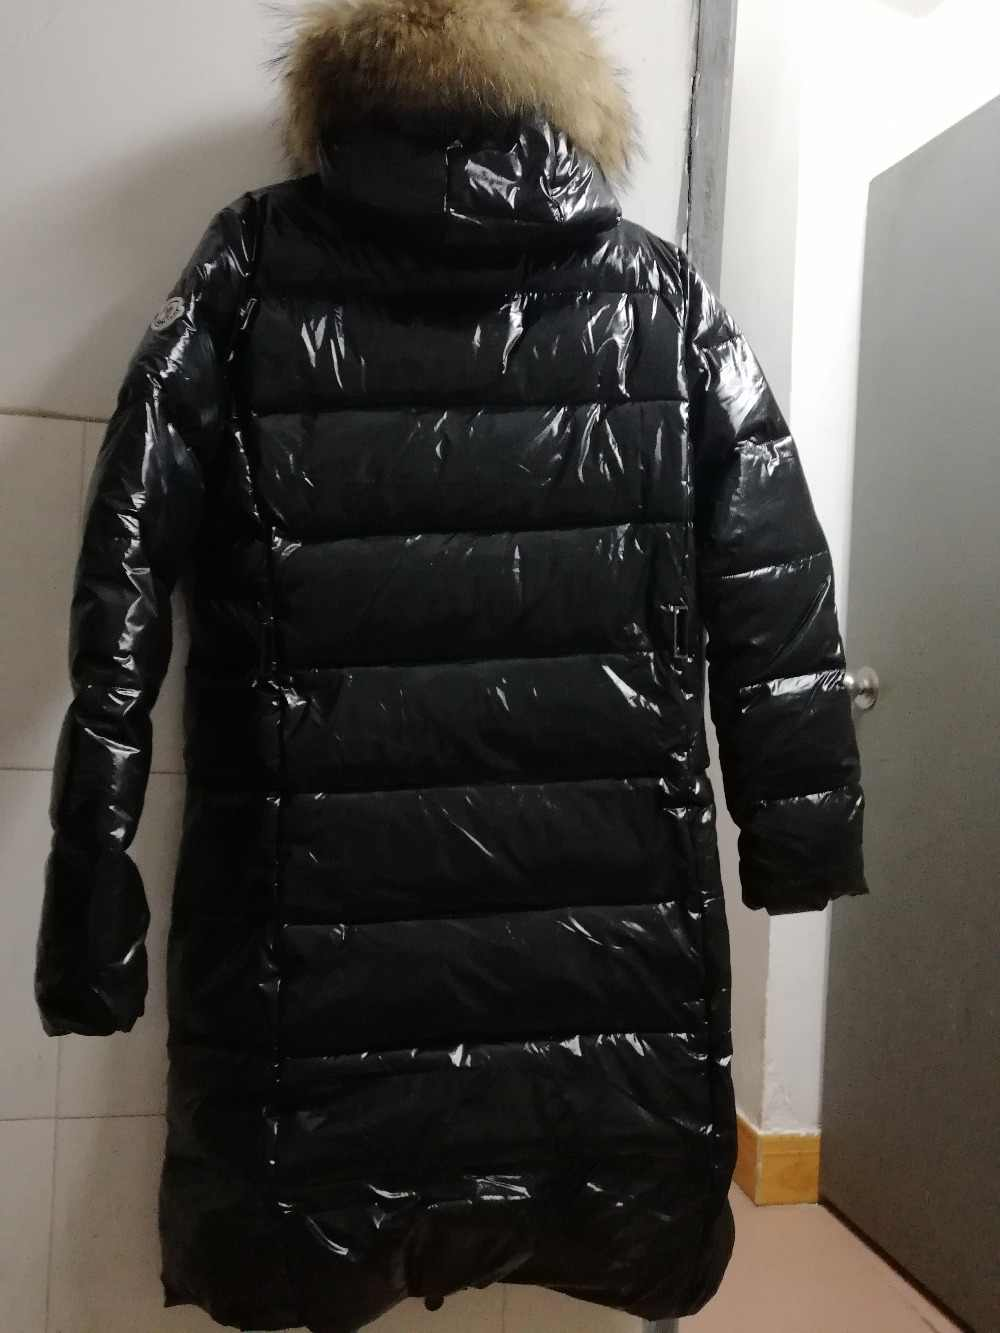 נשים חורף מעיל מעיל אמיתי דביבון פרווה הוד אופנה ארוך מעיל לעבות חם רך מעיל עם חגורה שחור